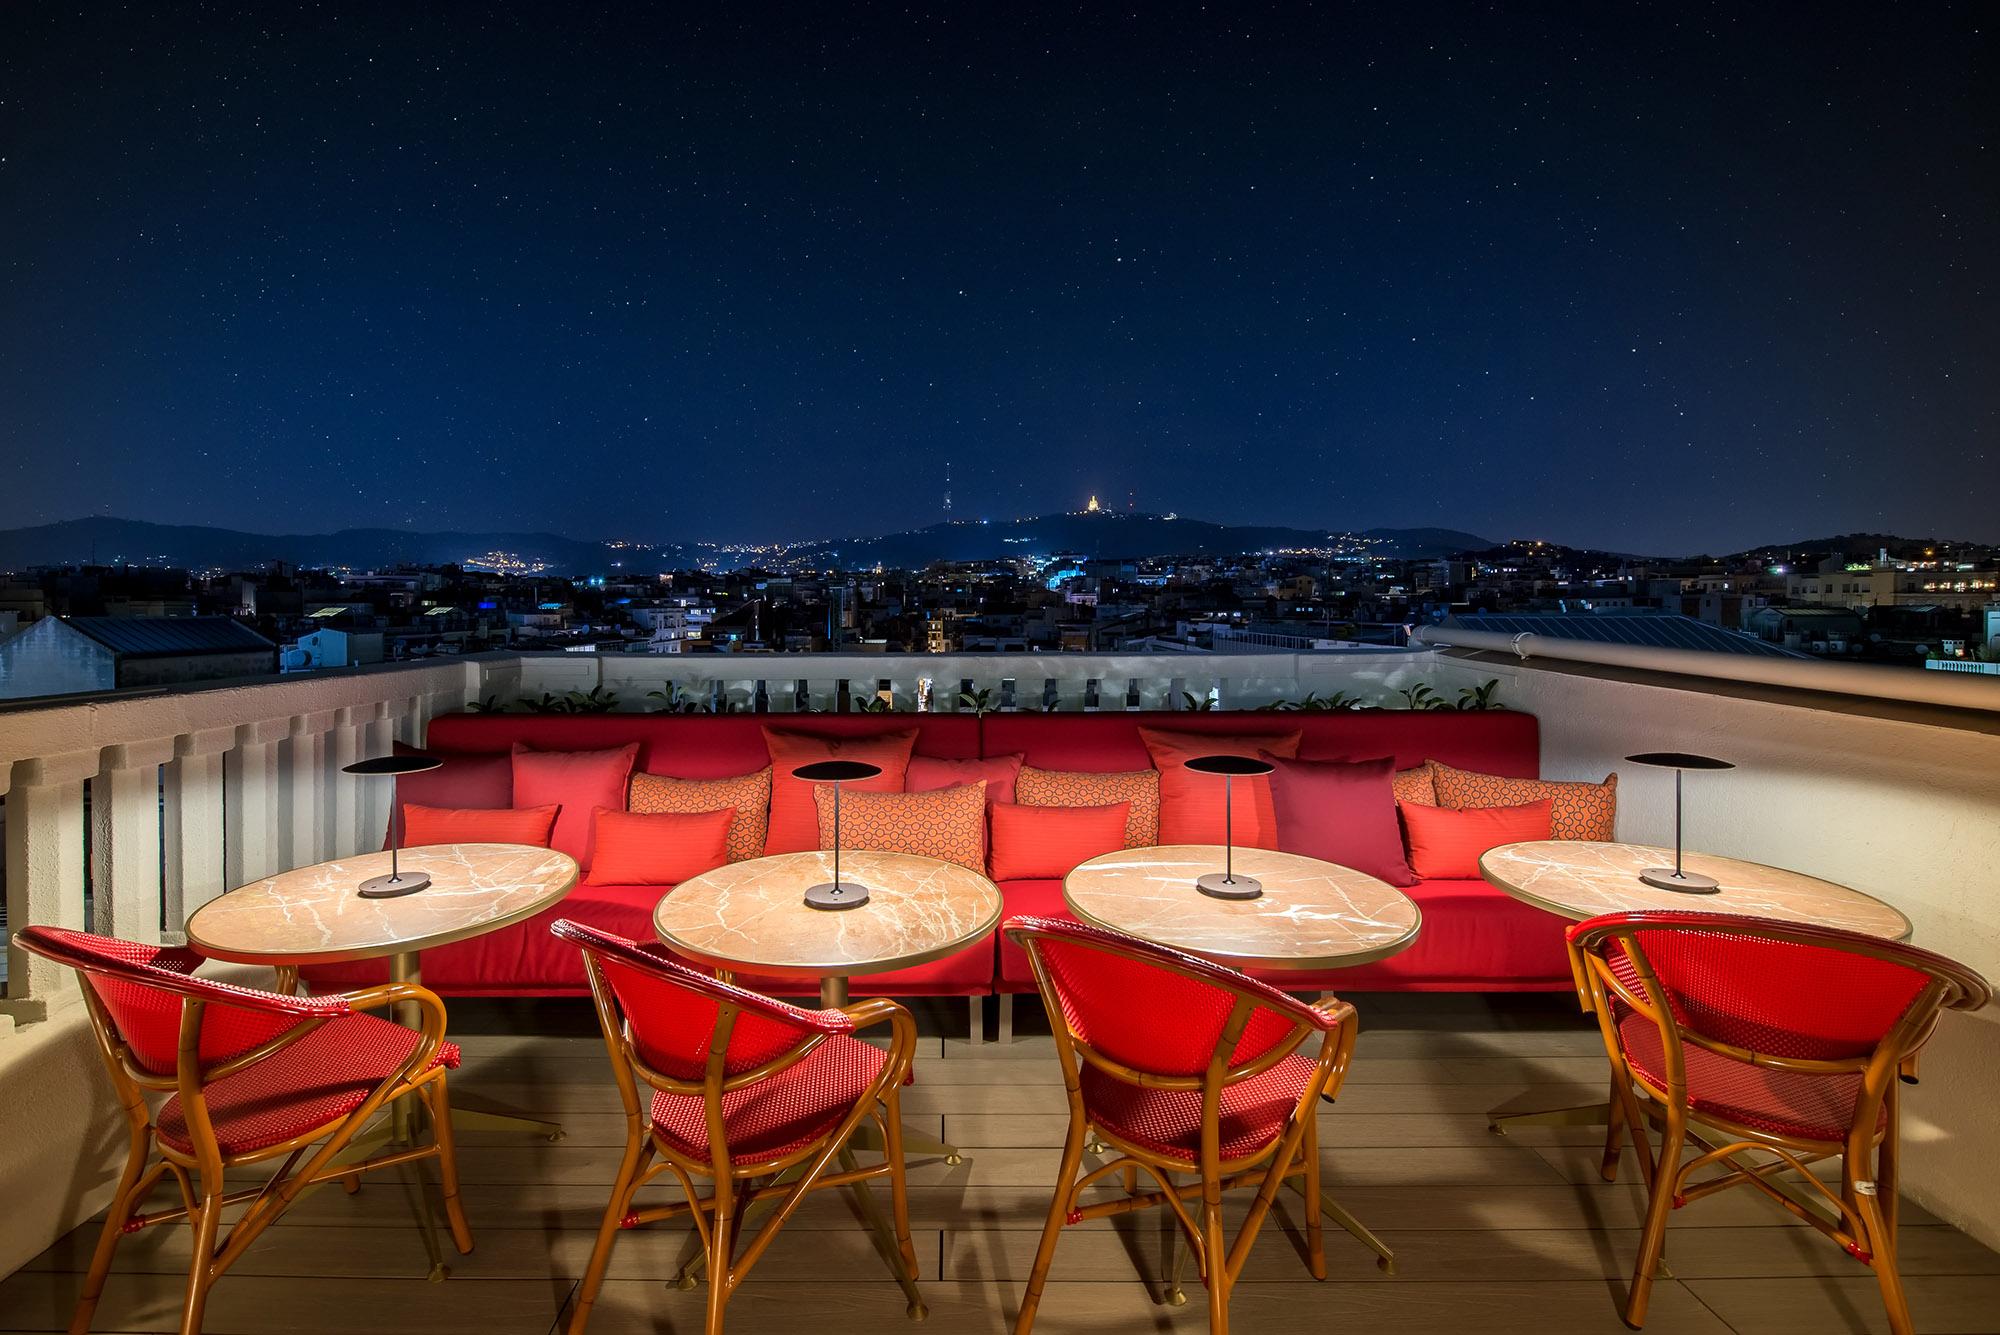 Vincci hoteles inaugura sus terrazas desde las alturas - Hoteles vincci barcelona ...